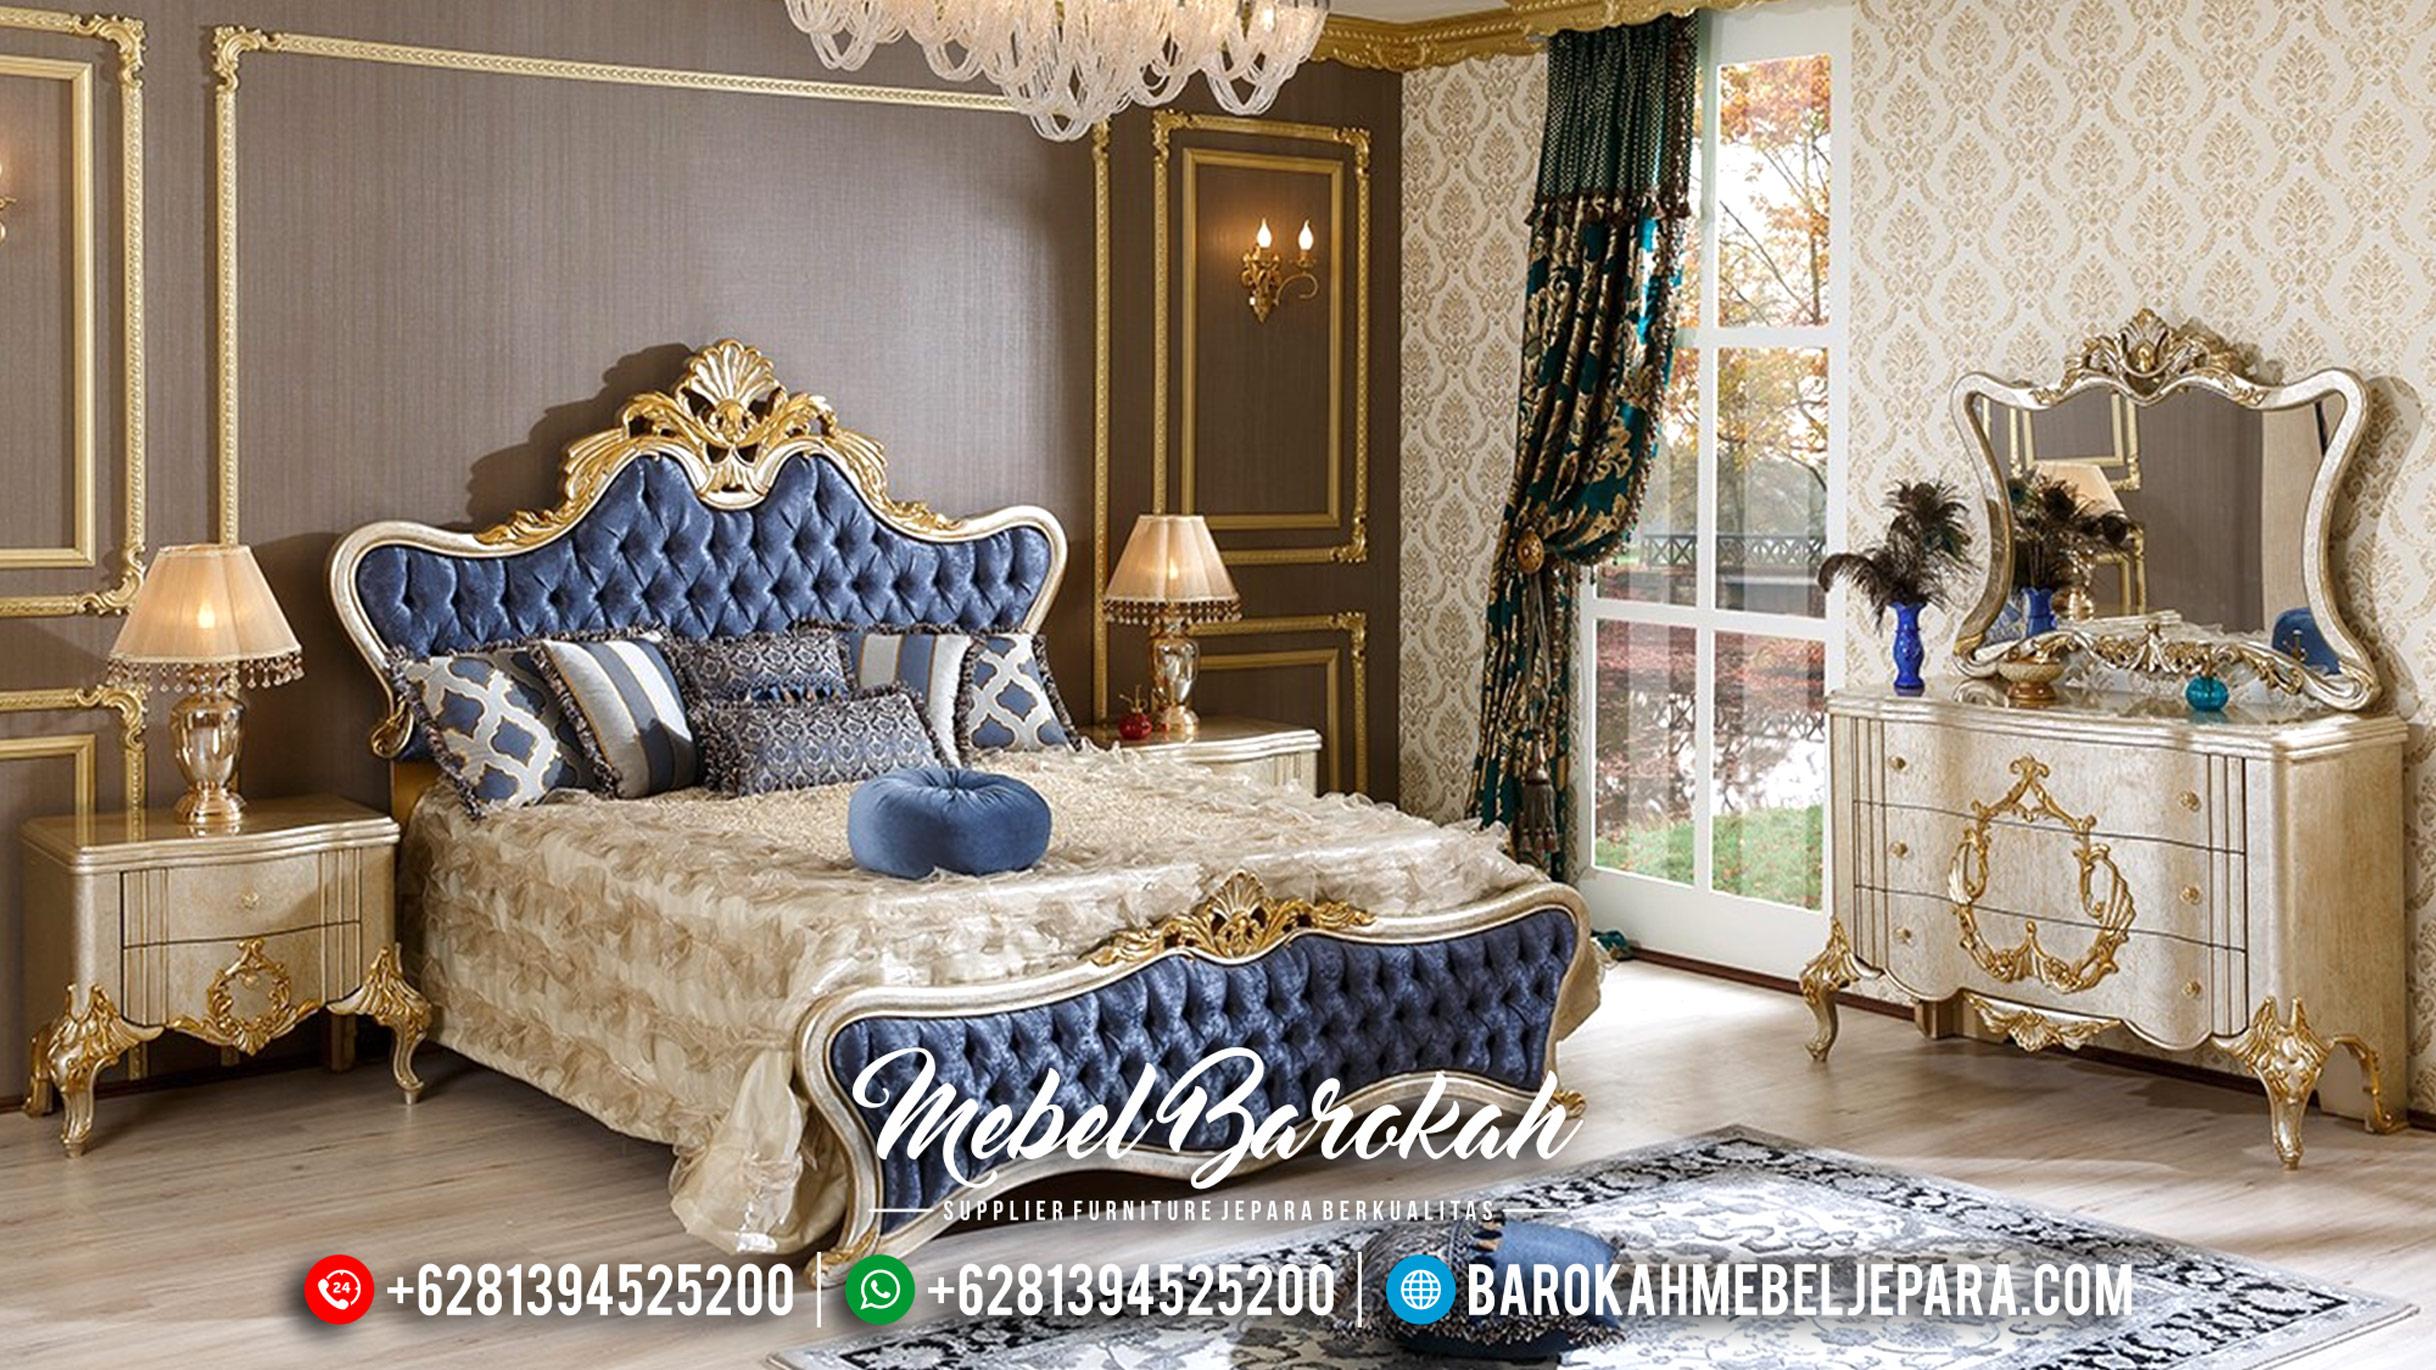 Tempat Tidur Mewah Jepara, Dipan Pengantin Mewah, Kamar Set Jepara Klasik MB-0189